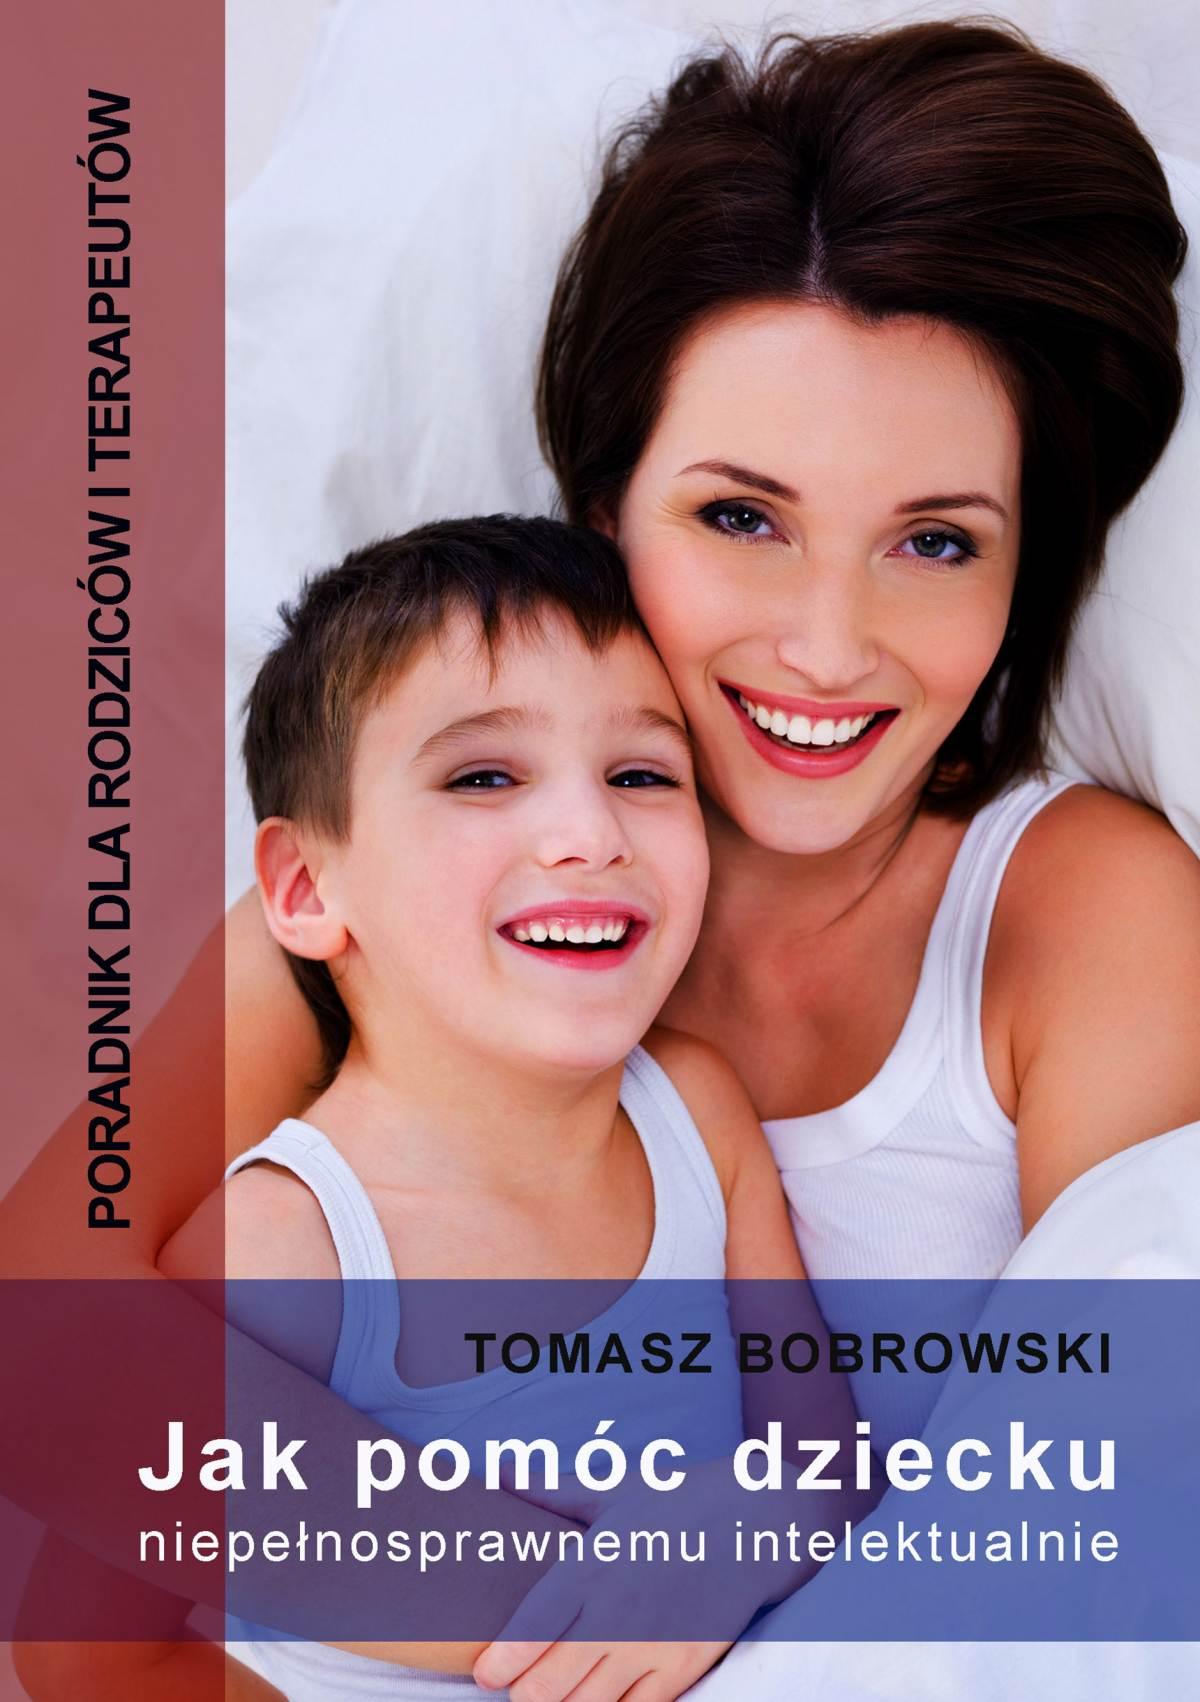 Jak pomóc dziecku niepełnosprawnemu intelektualnie. Poradnik dla rodziców i terapeutów - Ebook (Książka EPUB) do pobrania w formacie EPUB